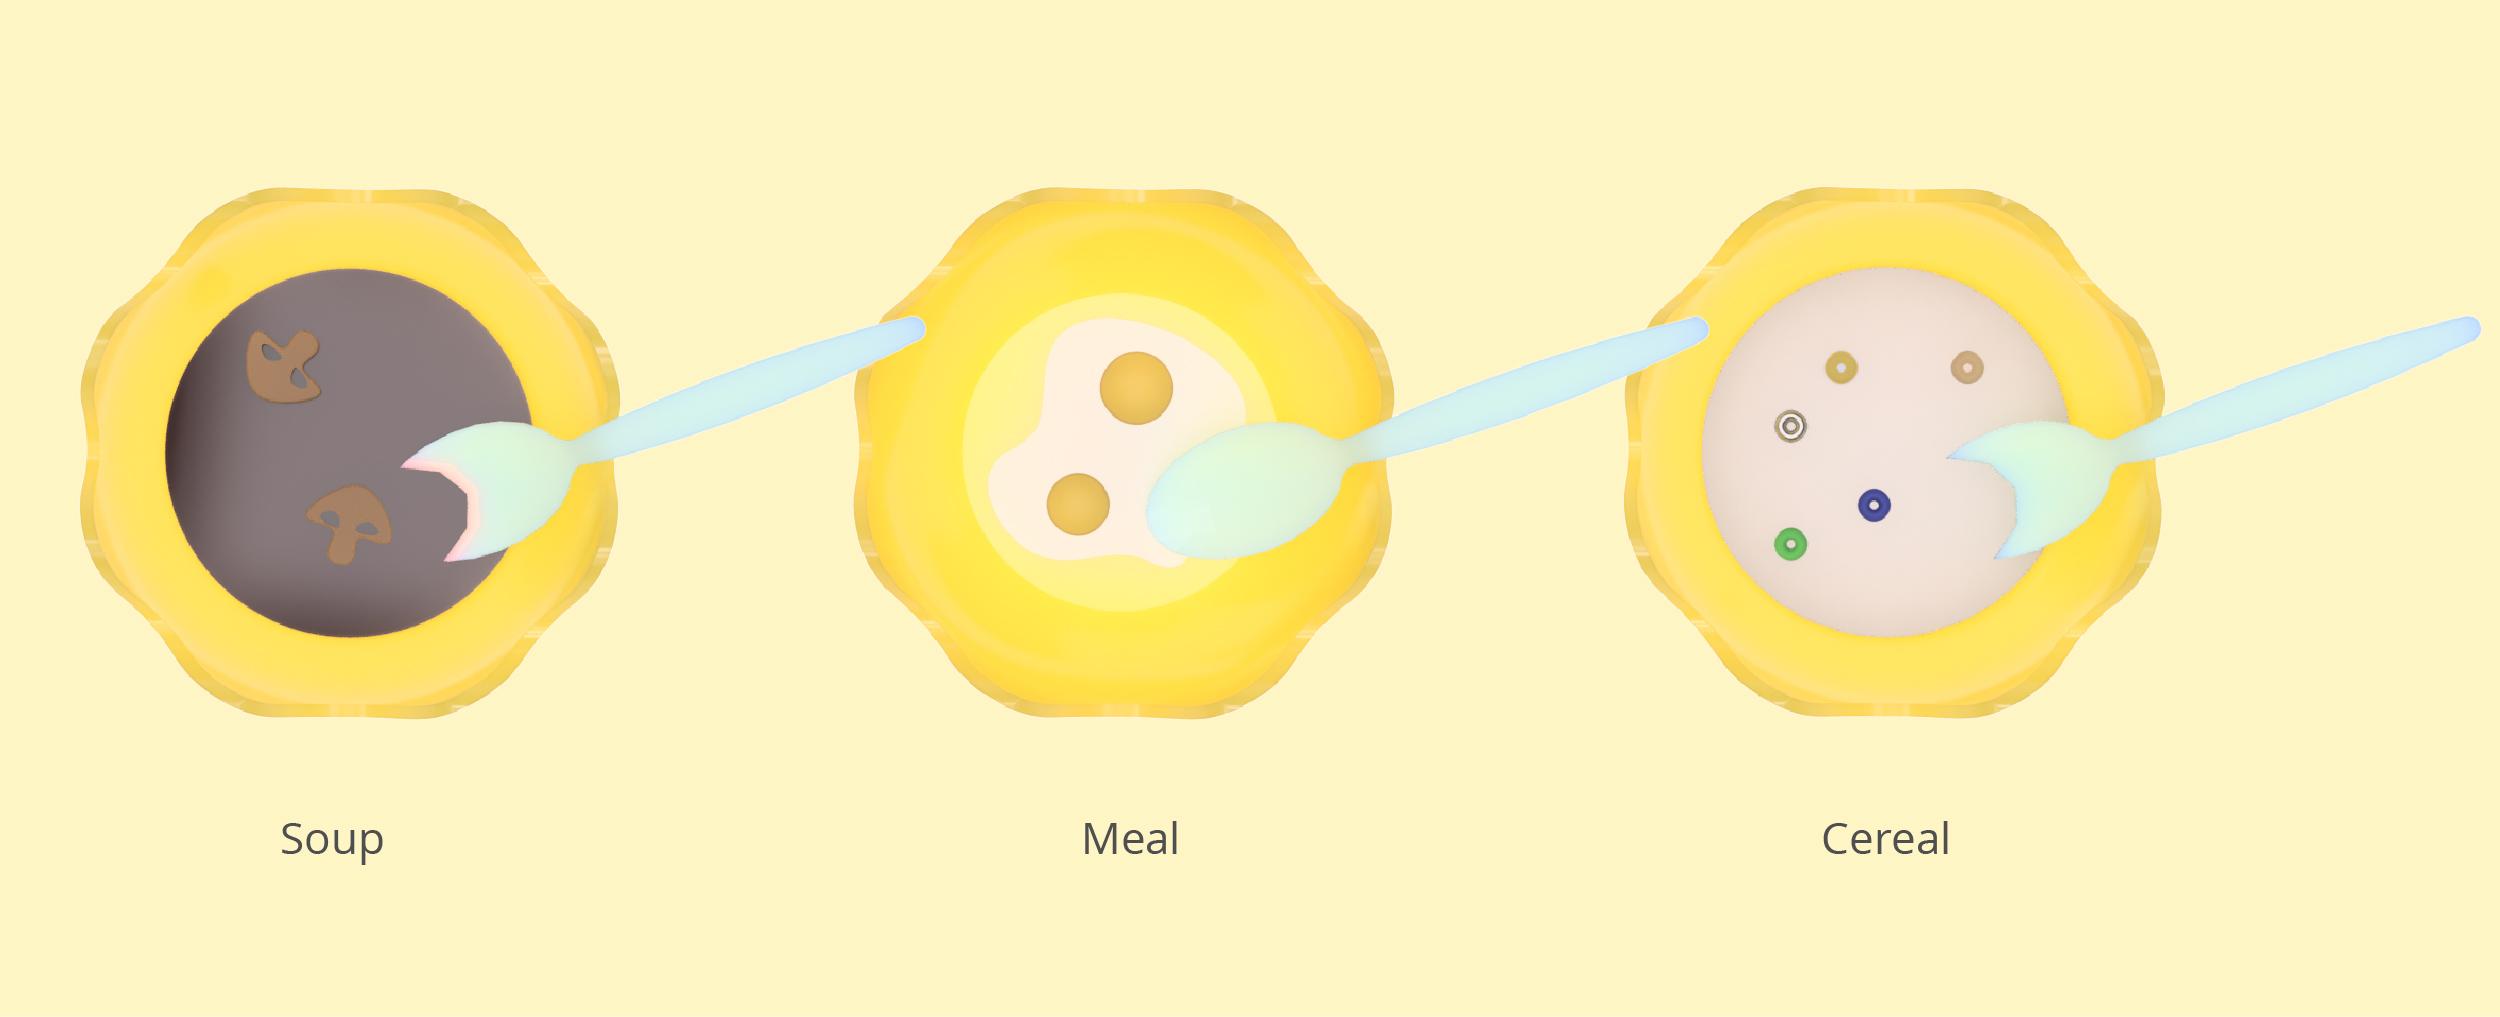 food types-01.jpg